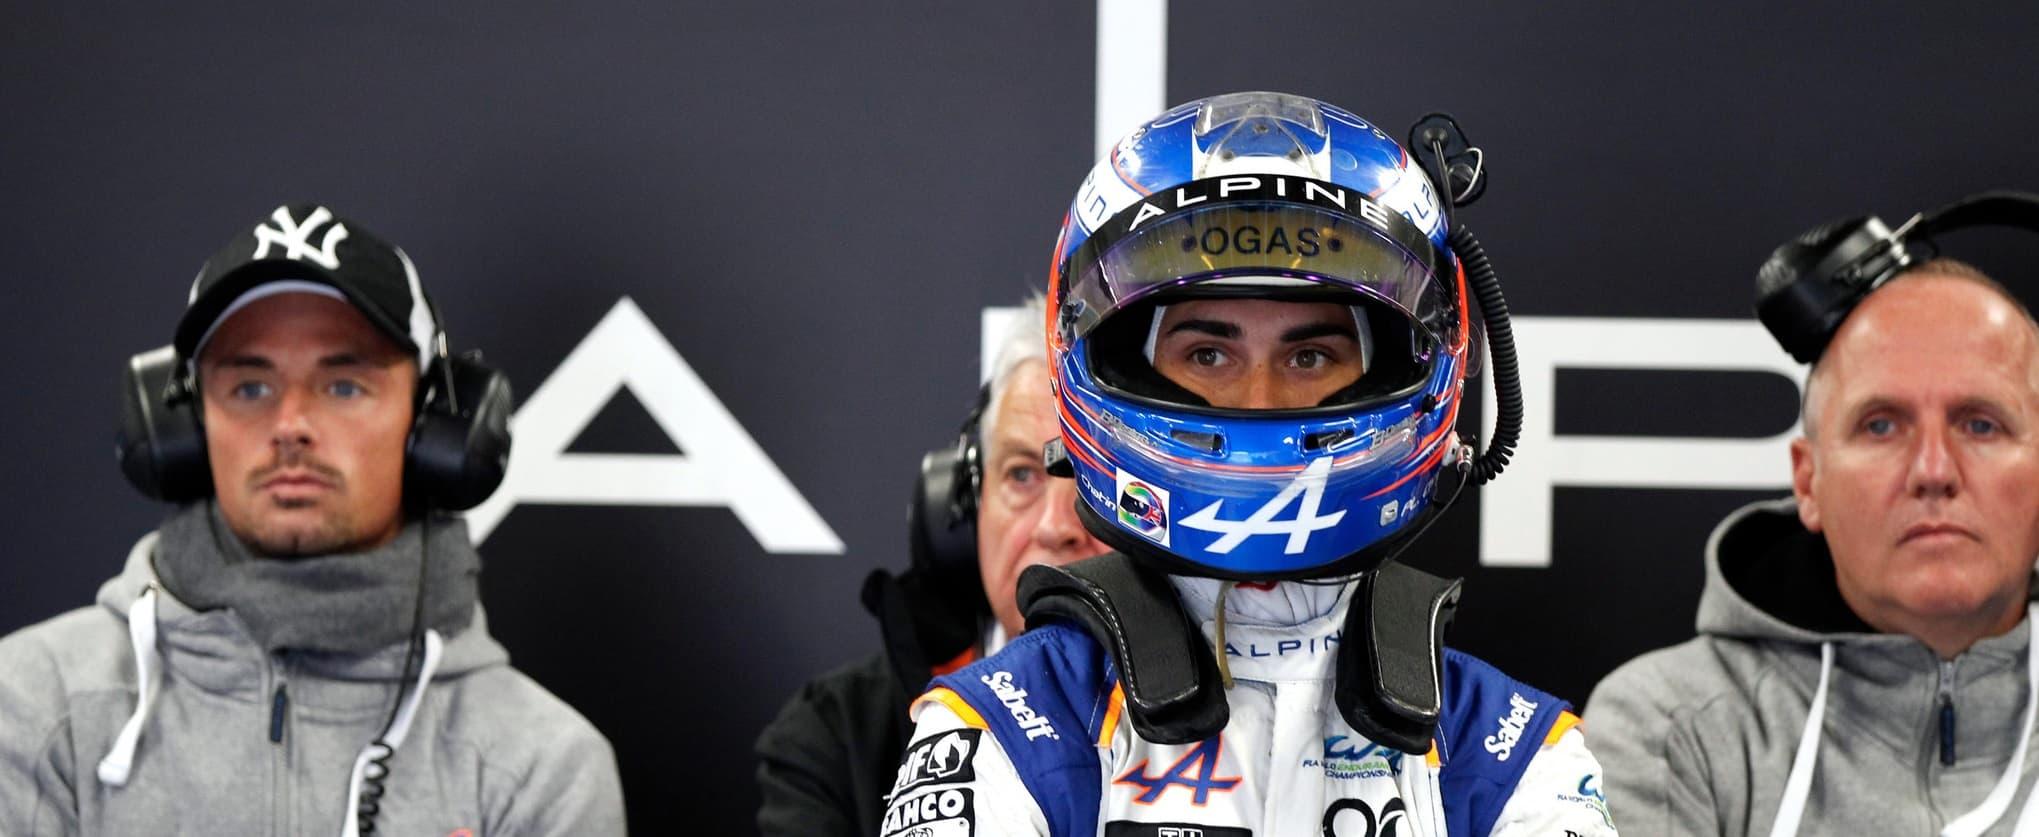 Alpine se prépare à assurer la victoire à Fuji !